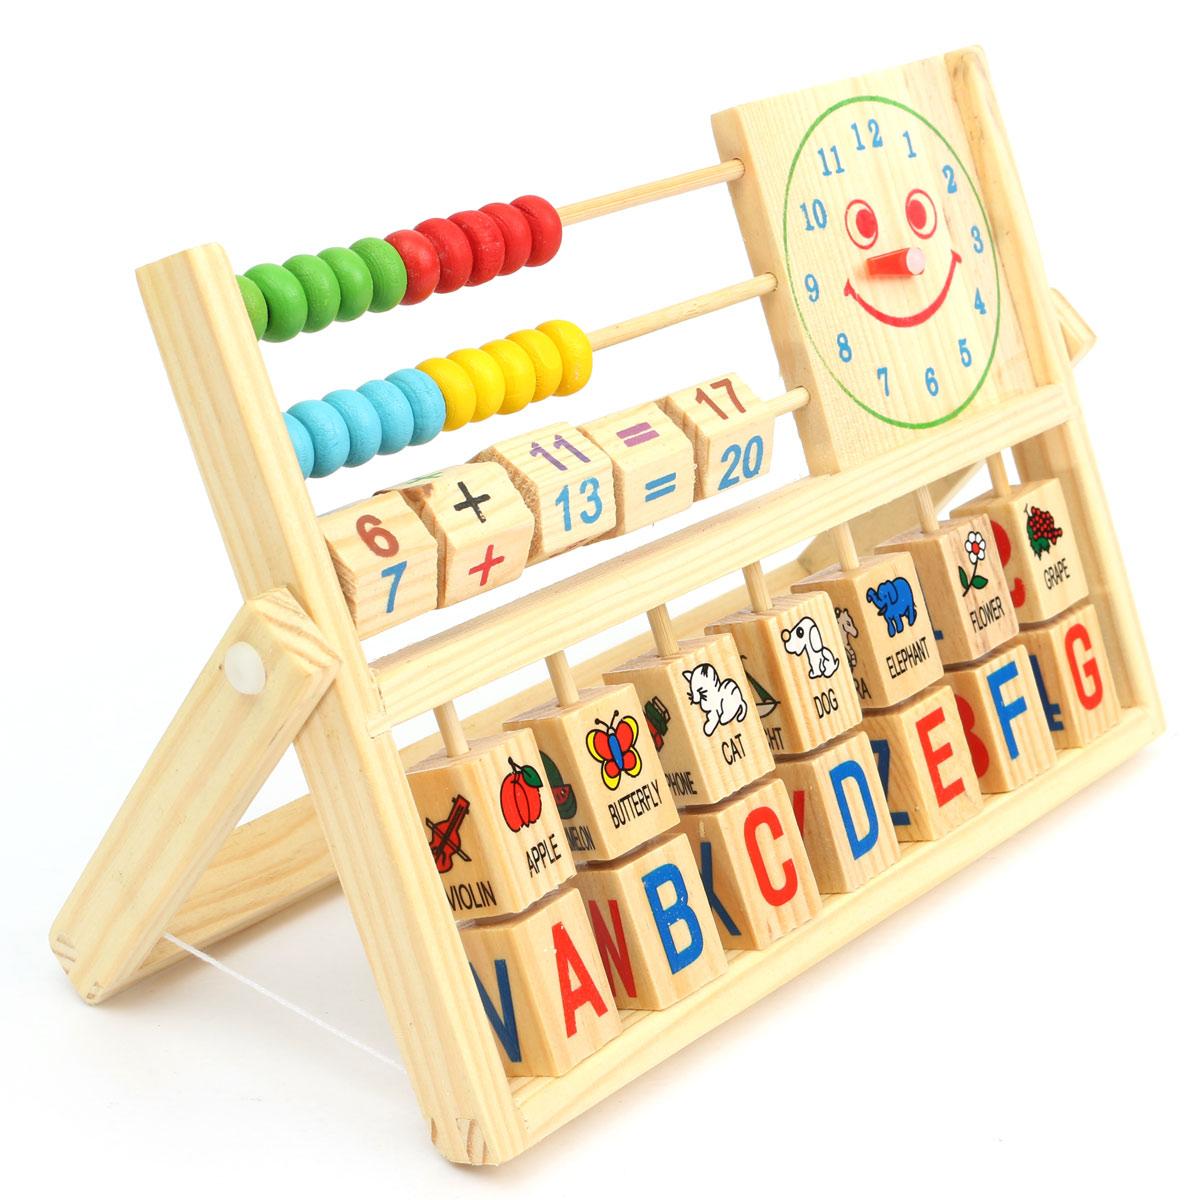 bois jouet boulier chiffres b b ducatif horloge achat vente jouet bois jouet boulier. Black Bedroom Furniture Sets. Home Design Ideas